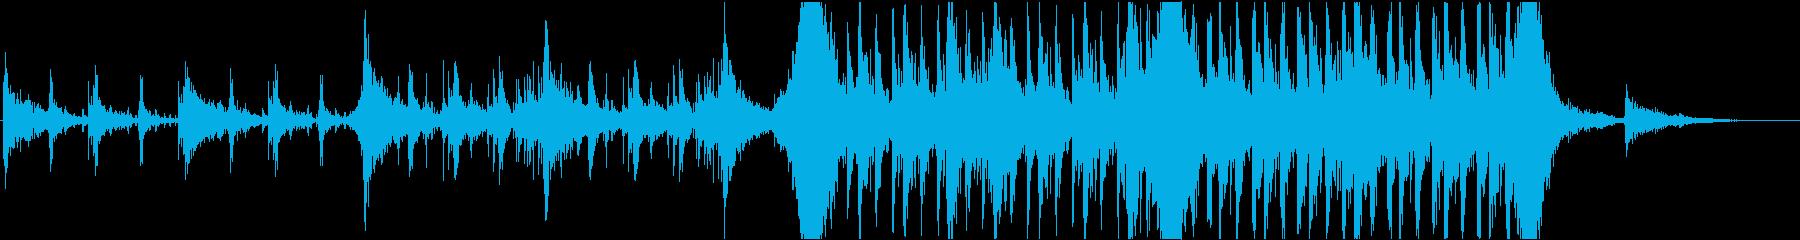 劇的 エピック 音楽の再生済みの波形